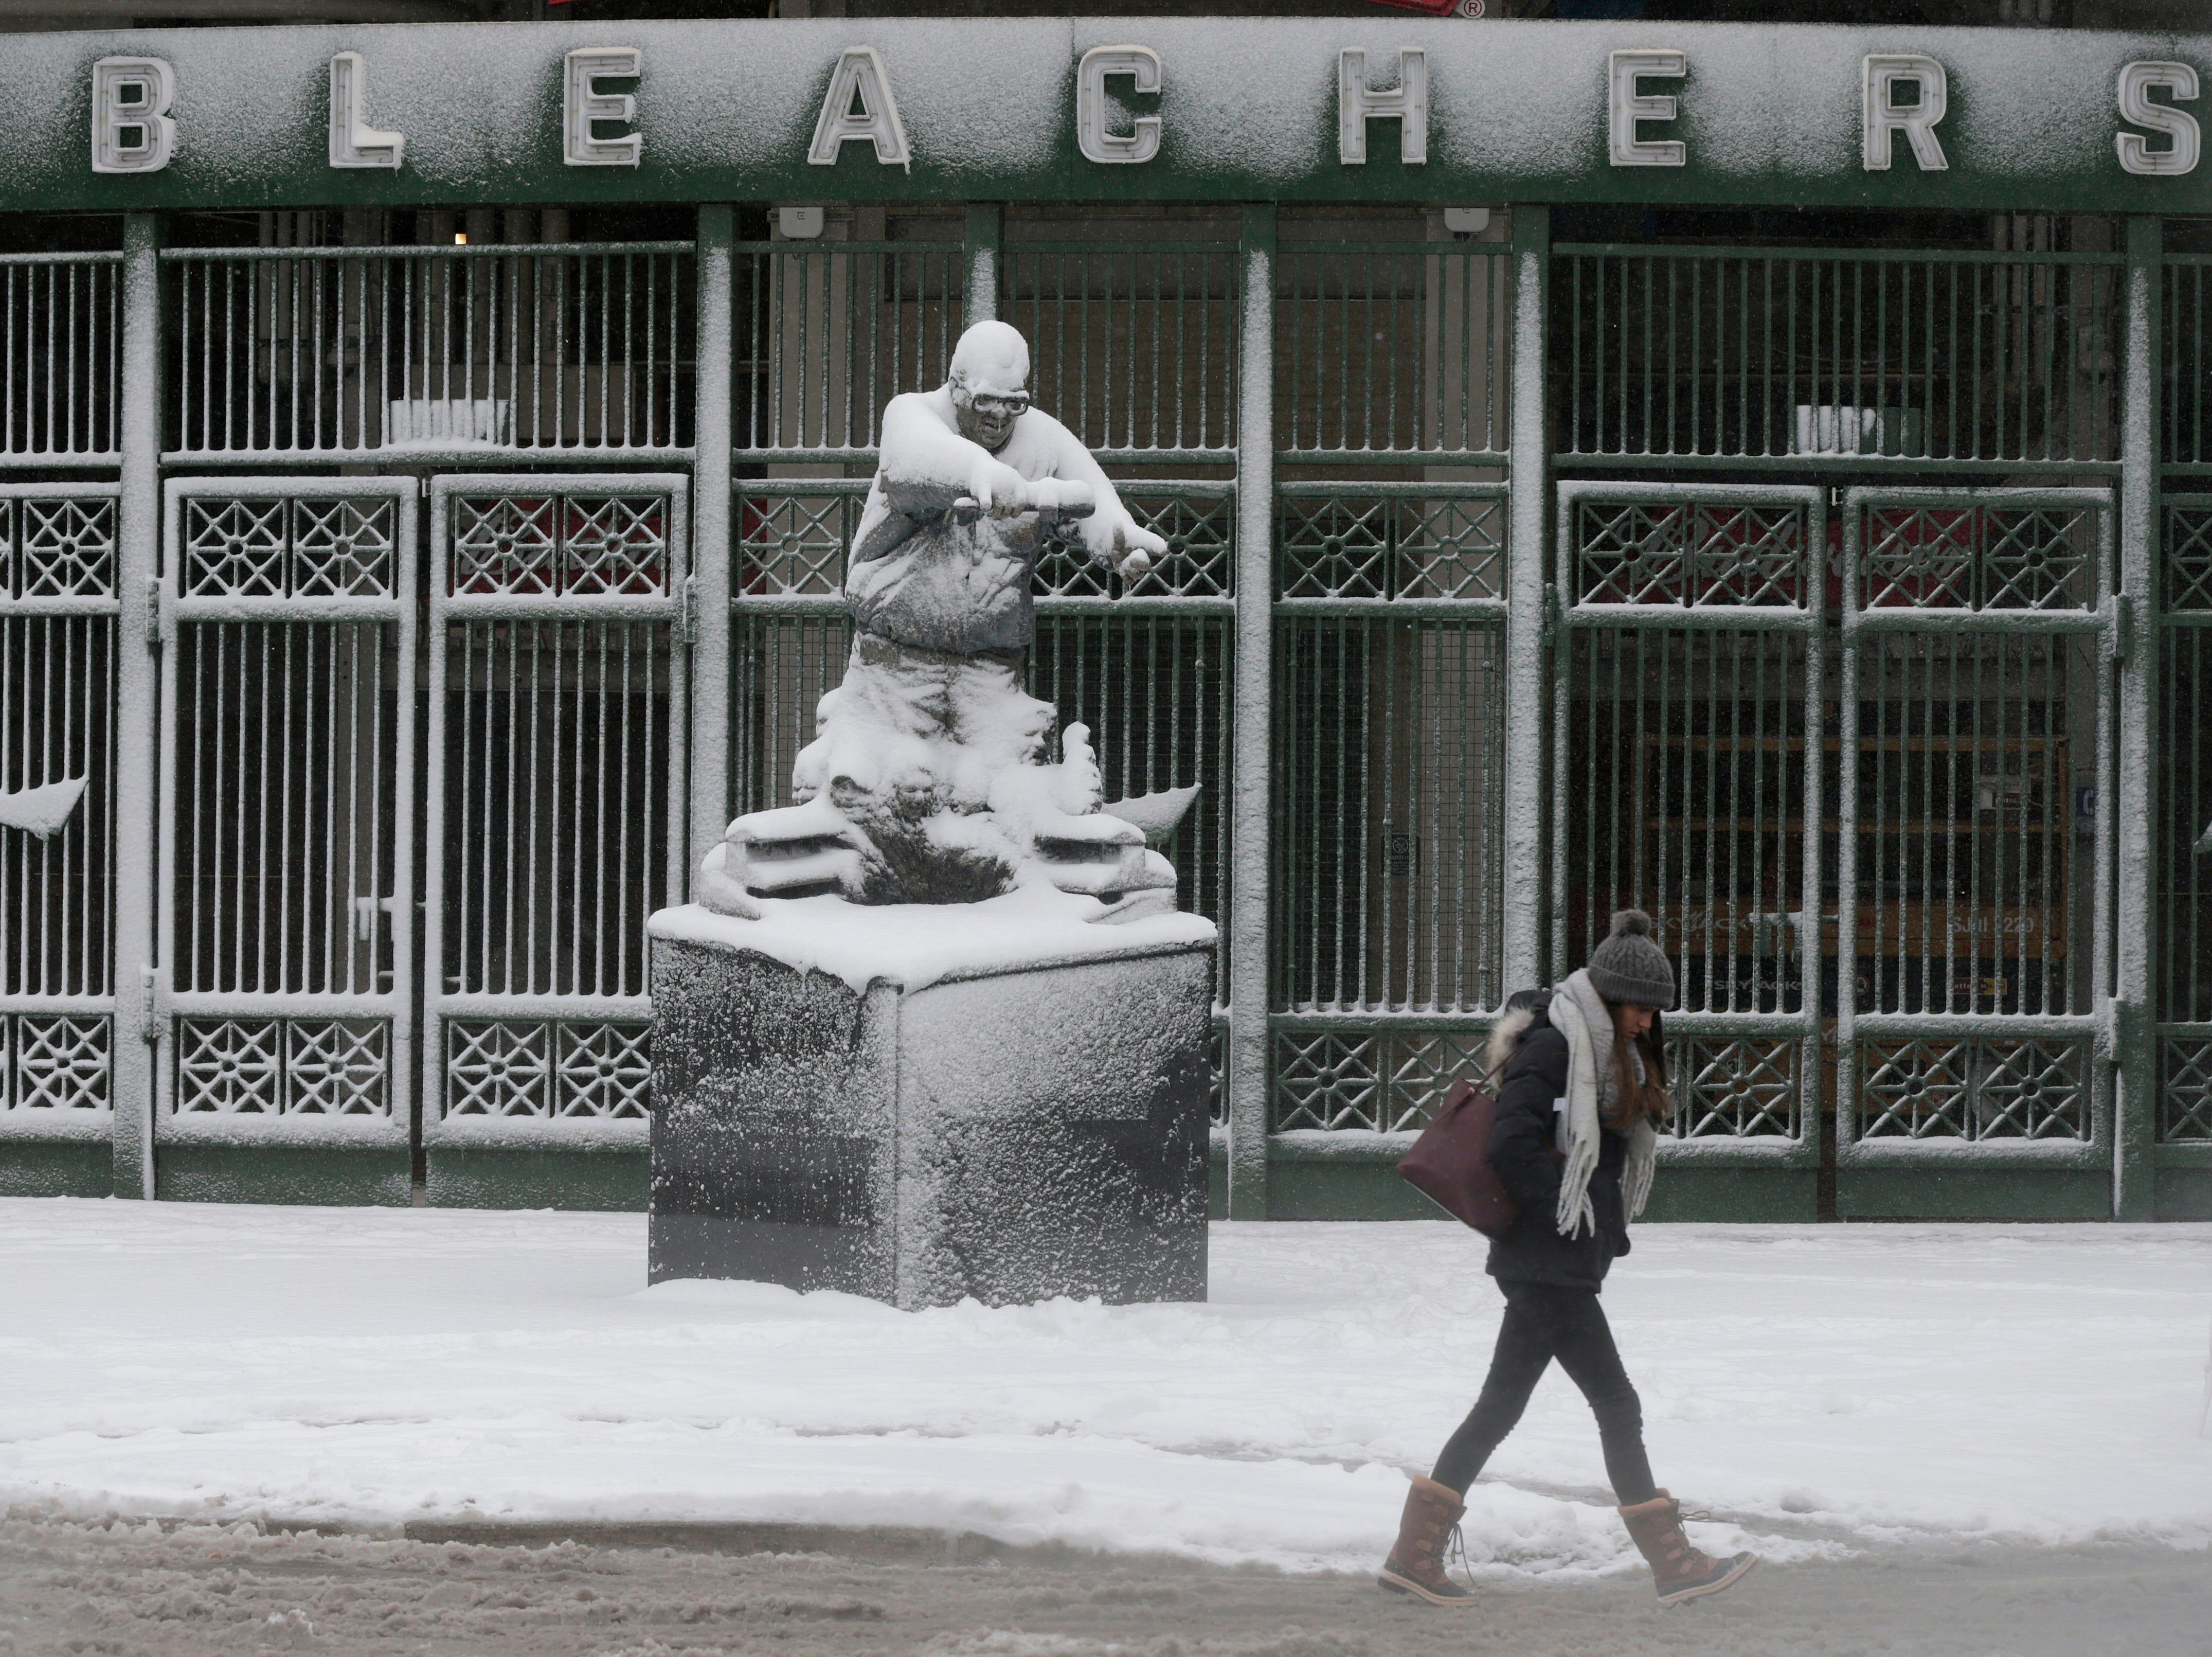 Transeúntes caminan junto a la estatua del famoso locutor de los Chicago Cubs, Harry Carey, frente al Wrigley Field, el lunes 26 de noviembre de 2018, en Chicago. Una tempestad invernal trajo condiciones de tormenta de nieve a partes del Medio Oeste el lunes temprano, aterrizando cientos de vuelos y causando un caos en el tráfico mientras los viajeros regresaban al trabajo después del fin de semana de Acción de Gracias.